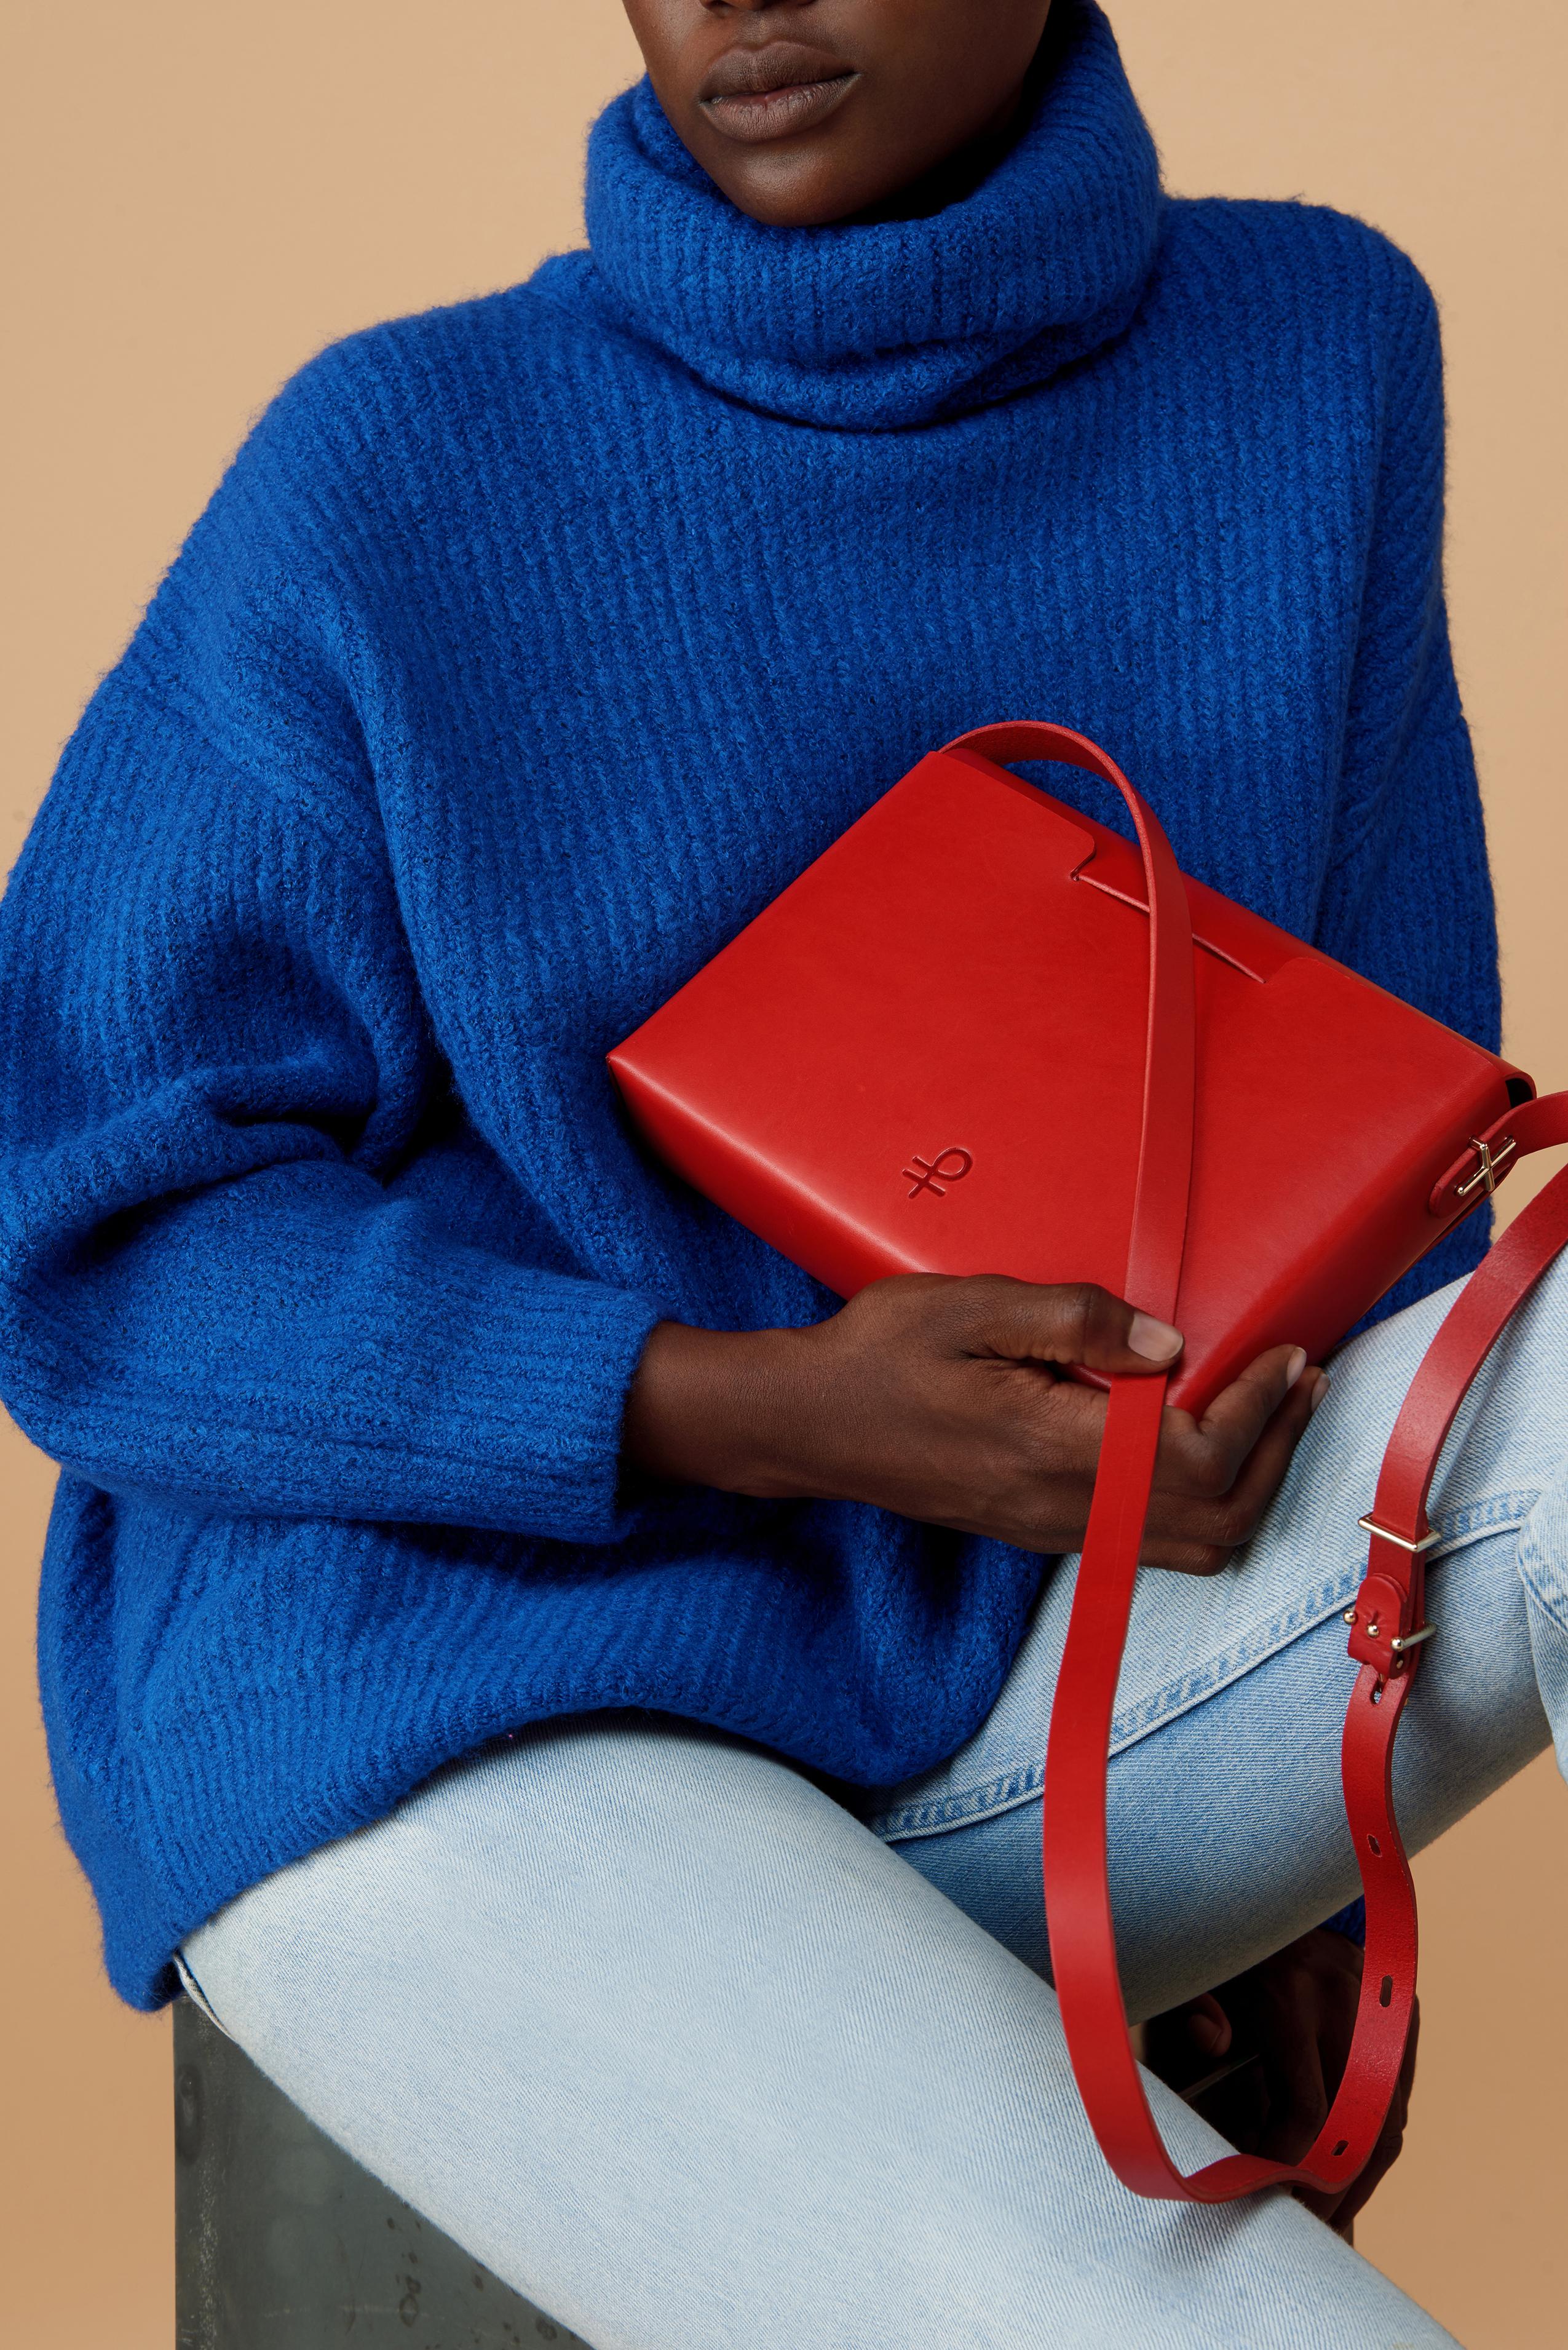 PARTOEM : une nouvelle compagnie de maroquinerie montréalaise minimaliste TROP BELLE!